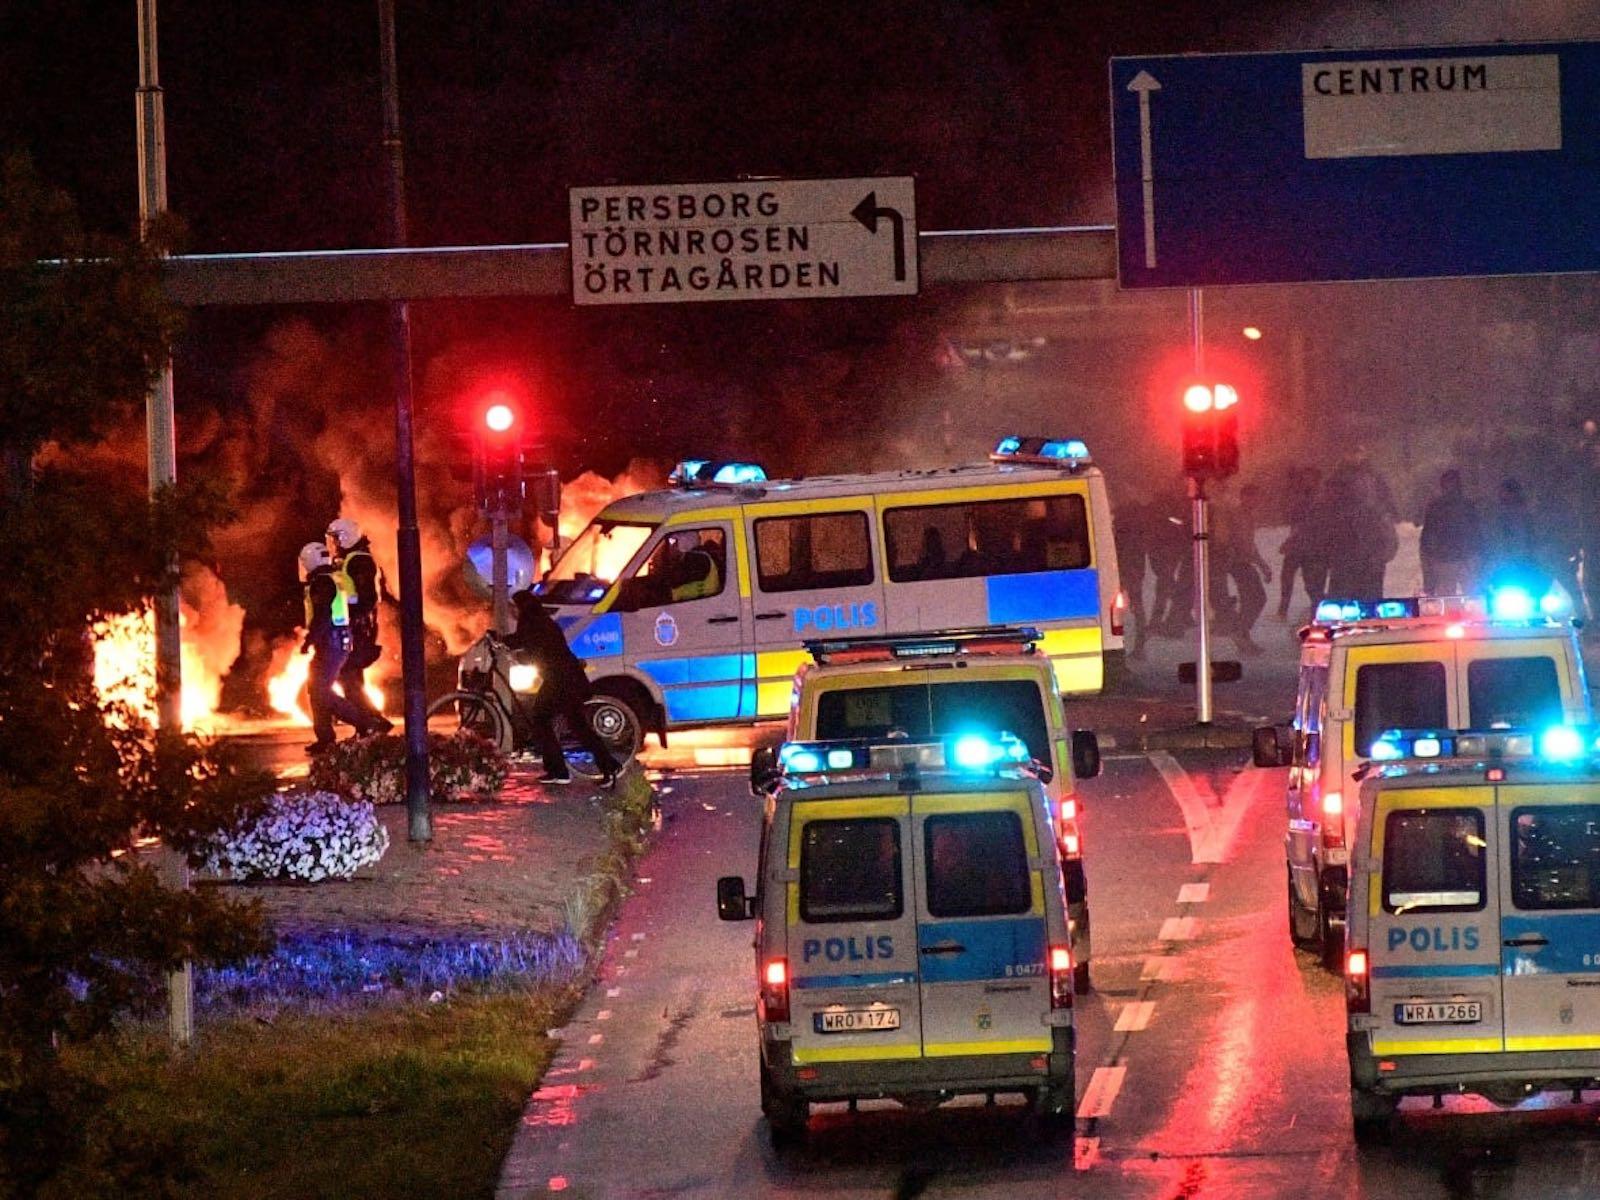 Crime malmo sweden Prison Works: